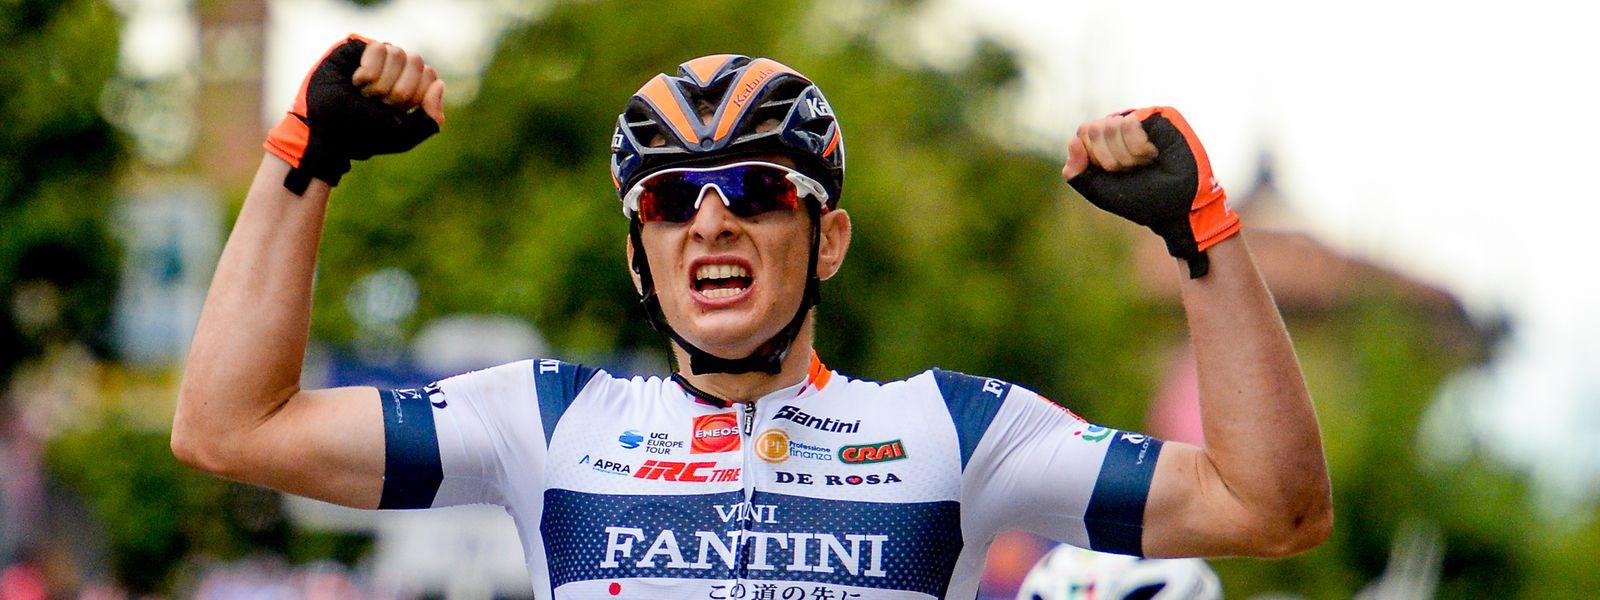 Damiano Cima gewinnt seine erste Giro-Etappe.